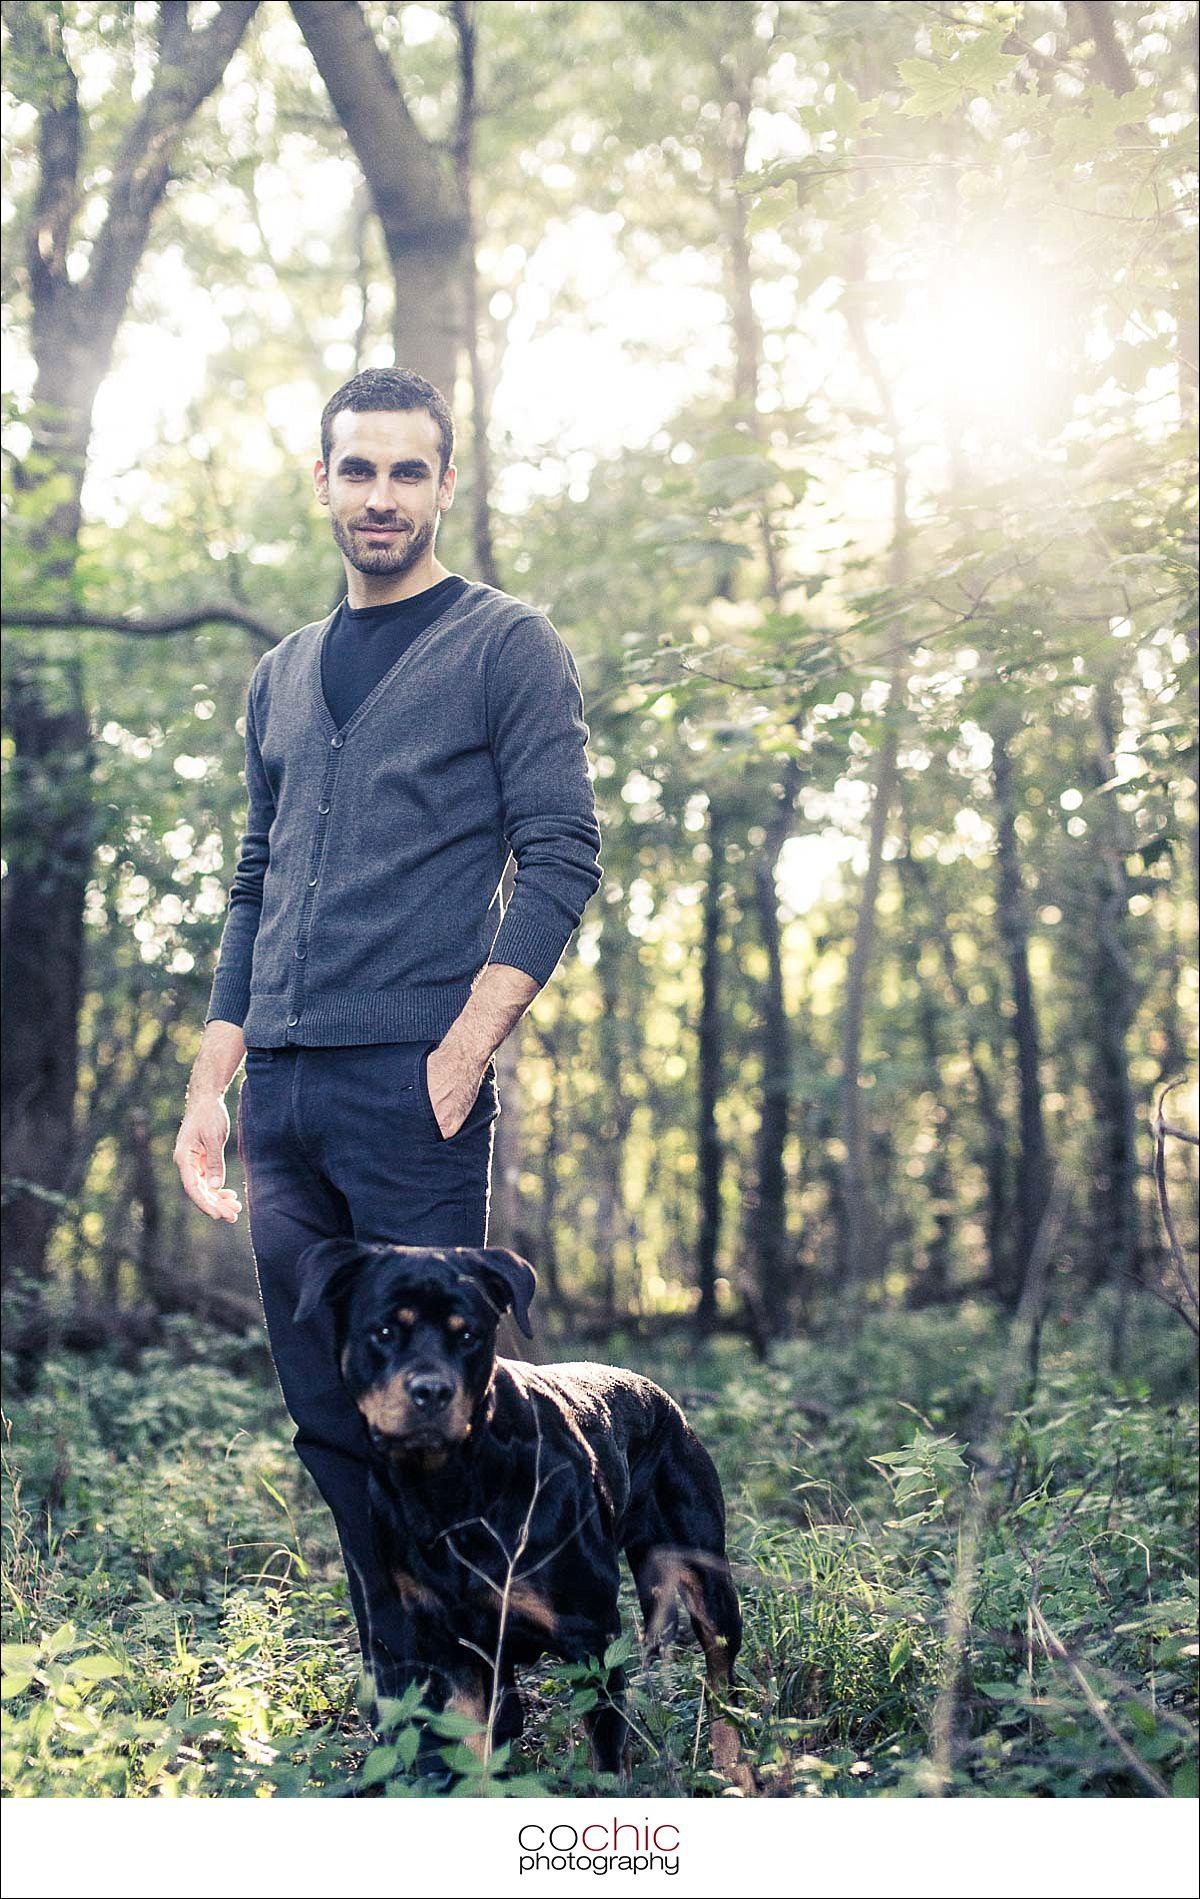 03-fotograf wien prater hund vienna dog photoshoot portrait porträtfotos porträt natur-20120923-_KO_2168